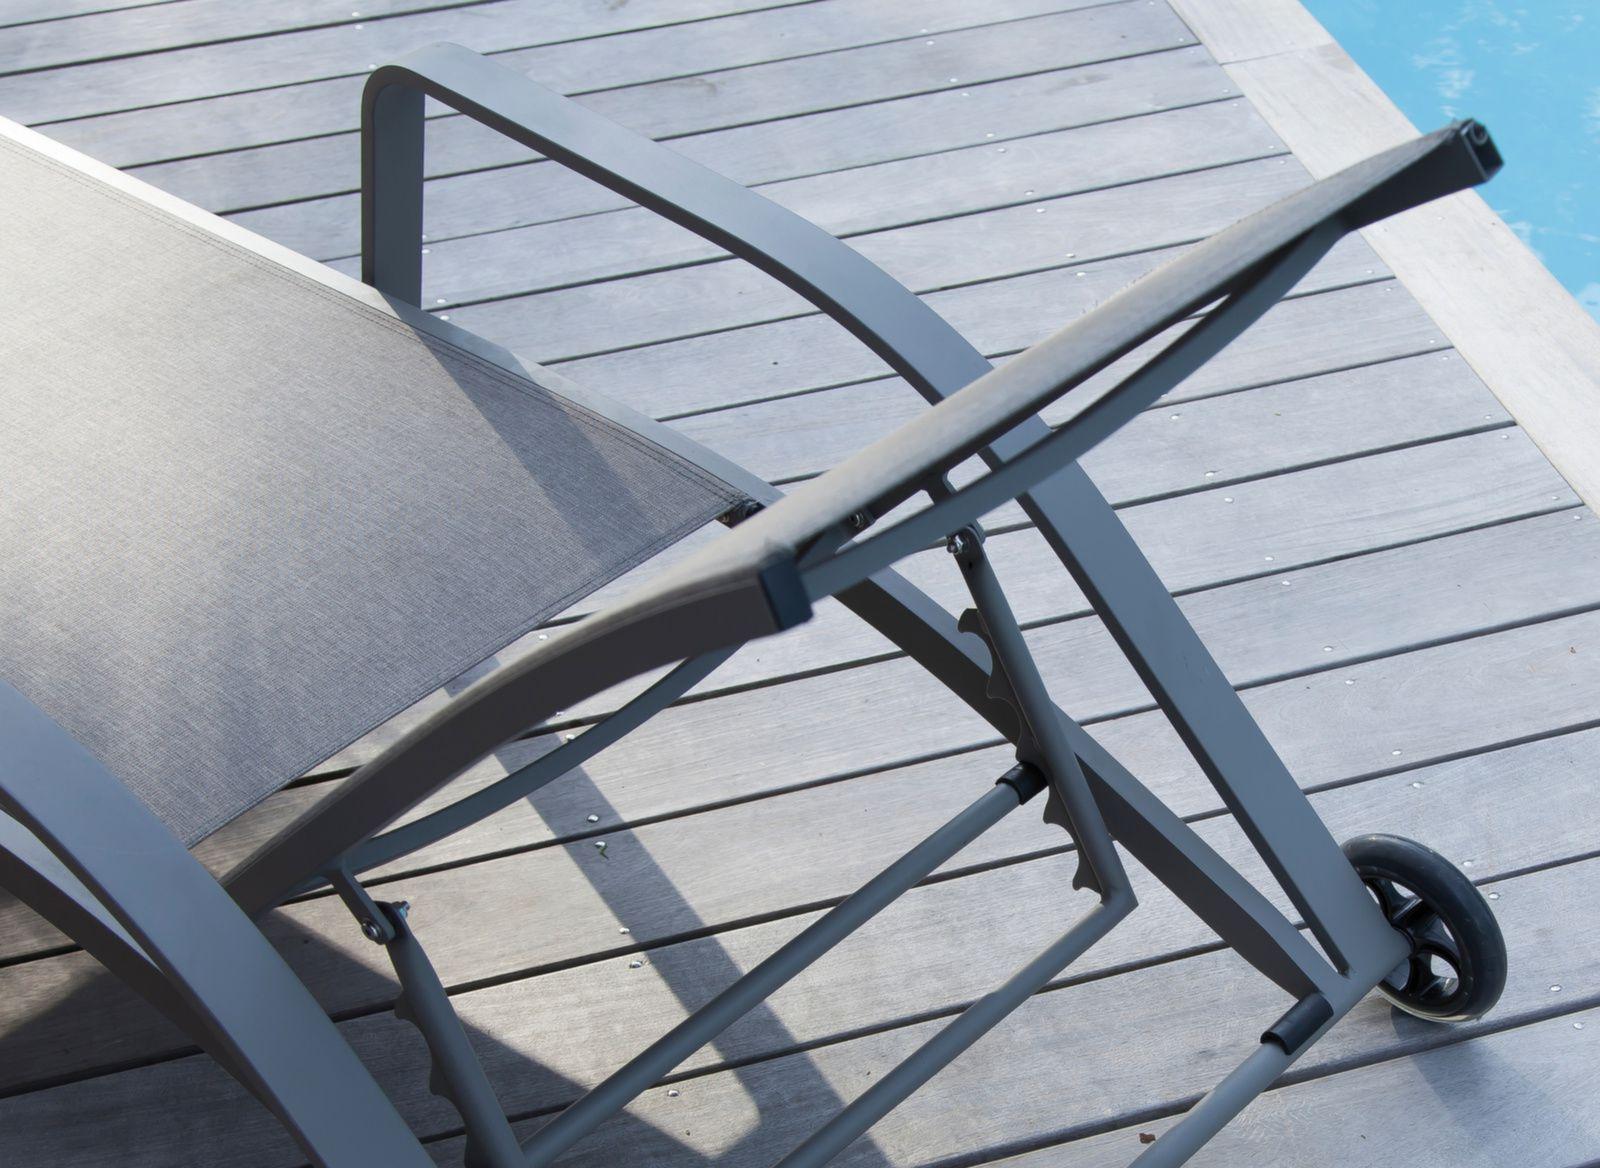 lit de soleil quenza bains de soleil transats lits de soleil proloisirs mobilier de. Black Bedroom Furniture Sets. Home Design Ideas